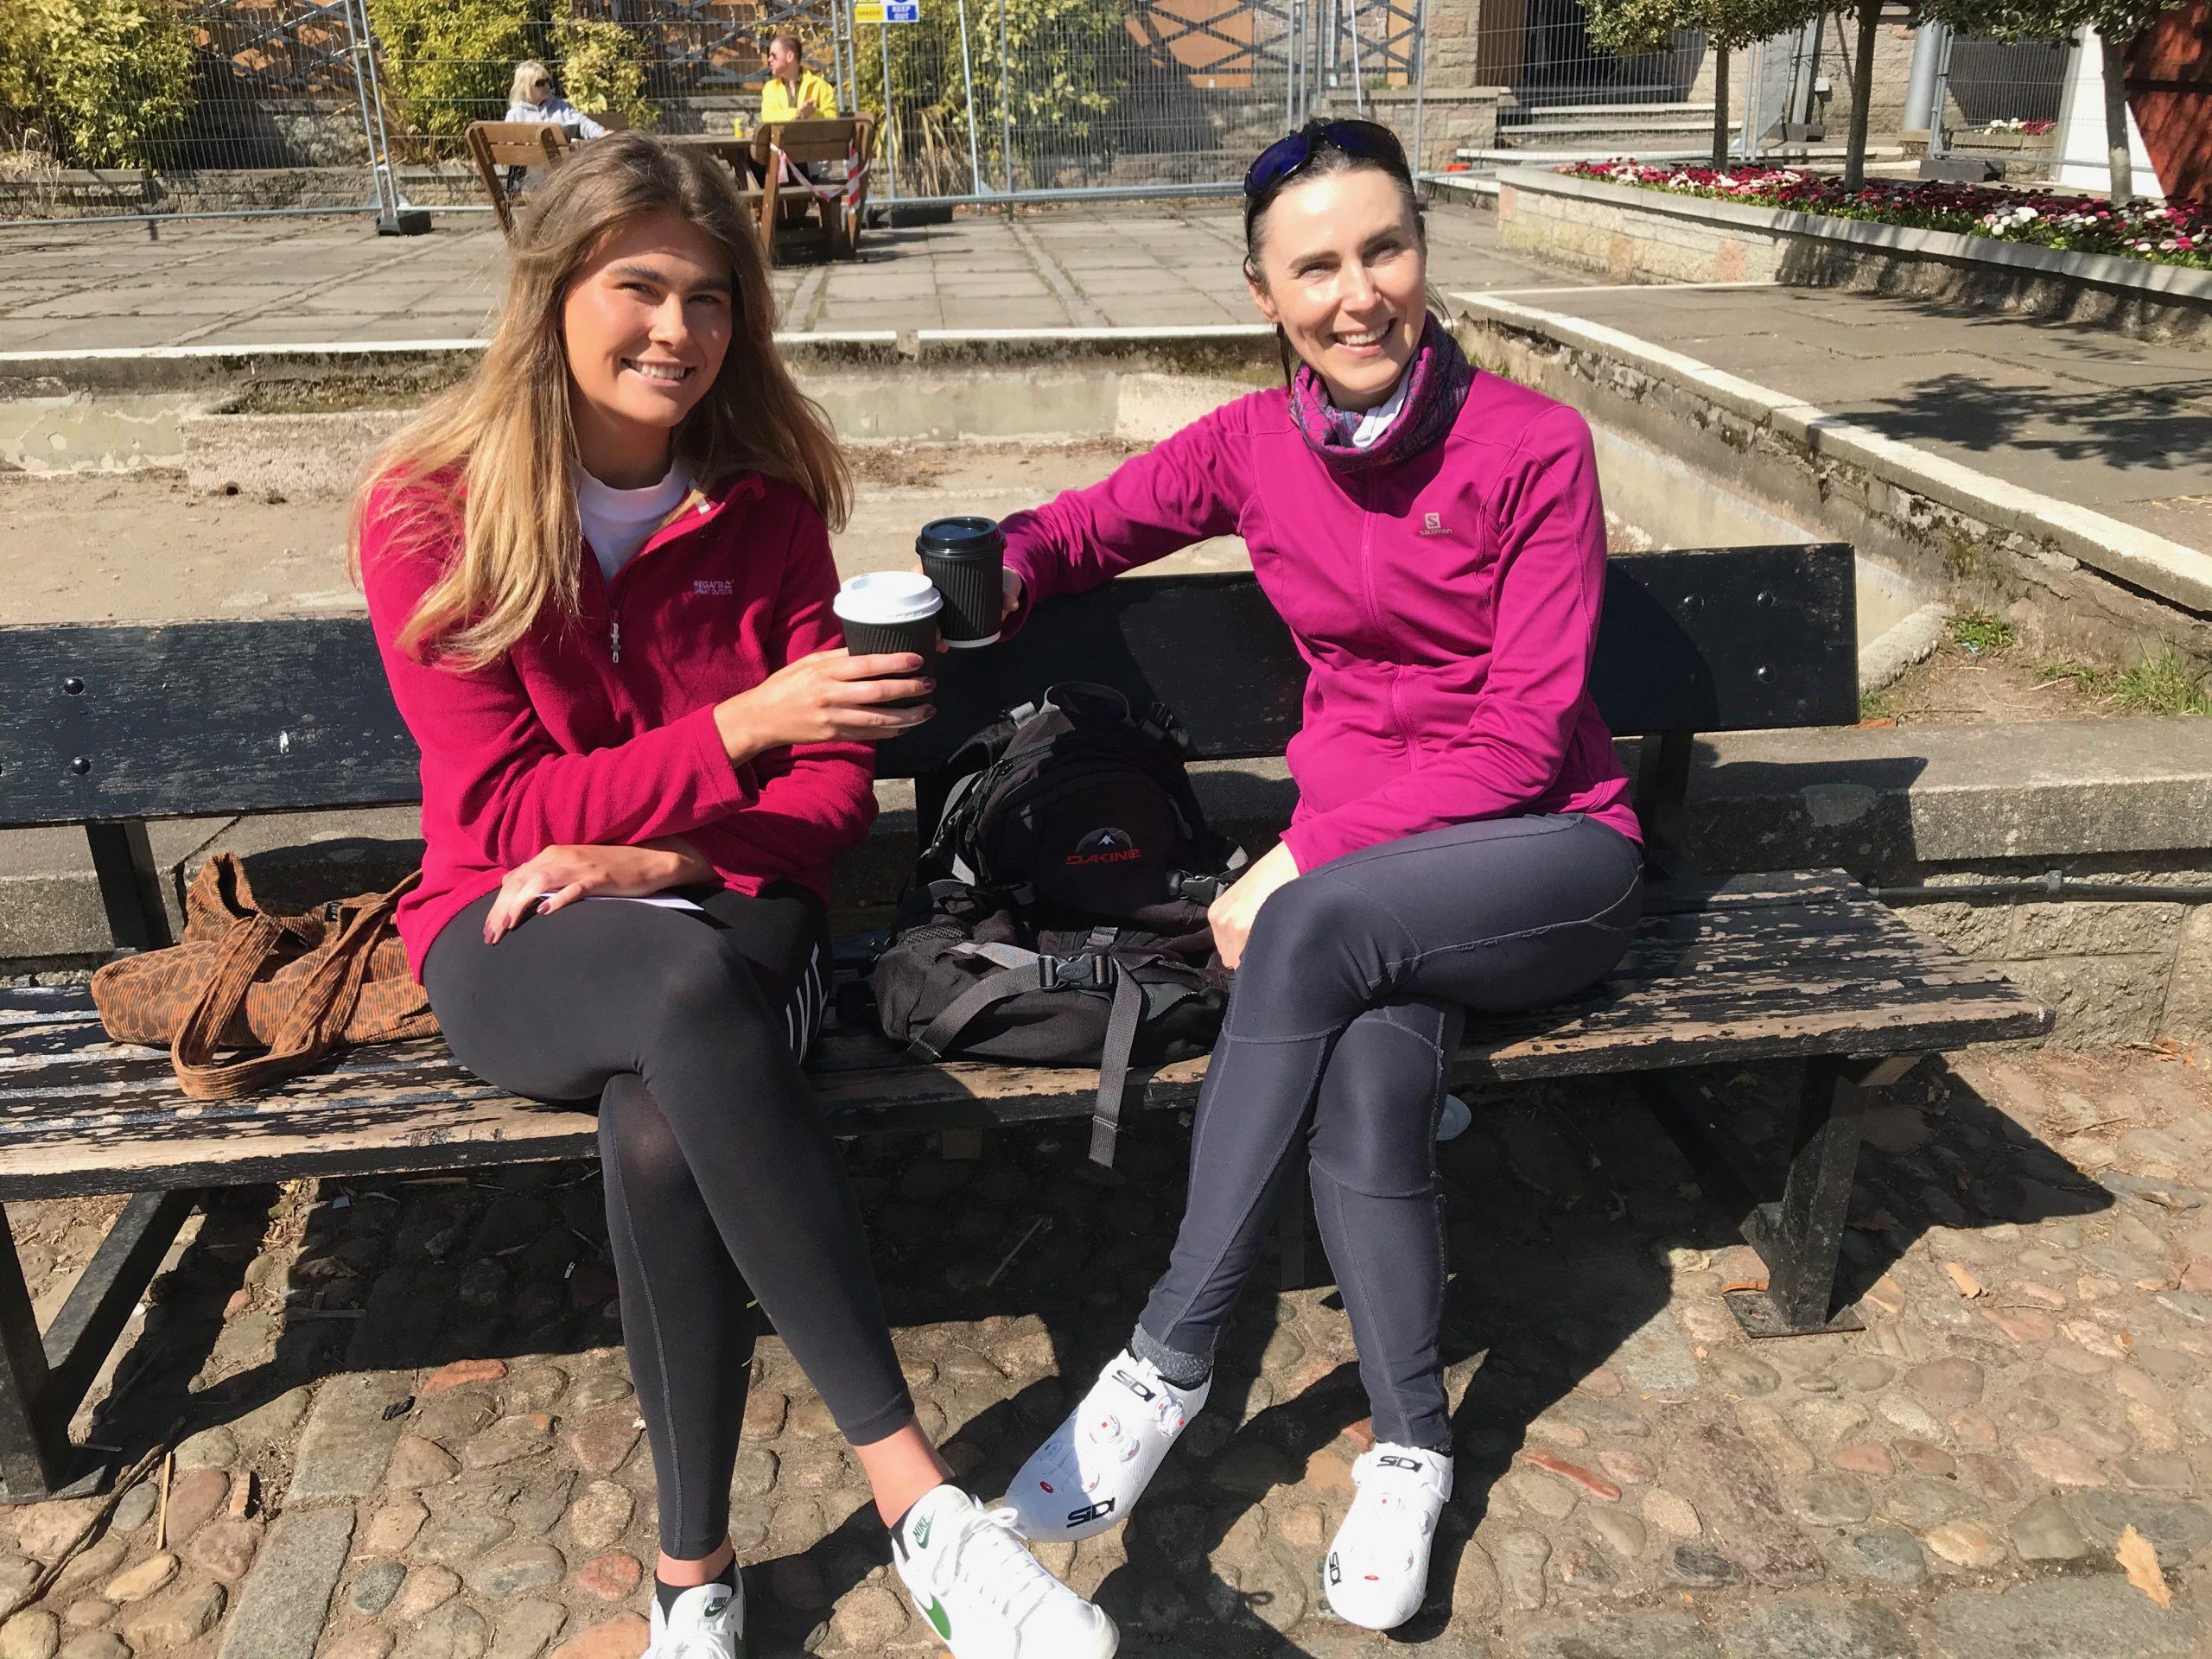 Joanna and Marta_Simplarity